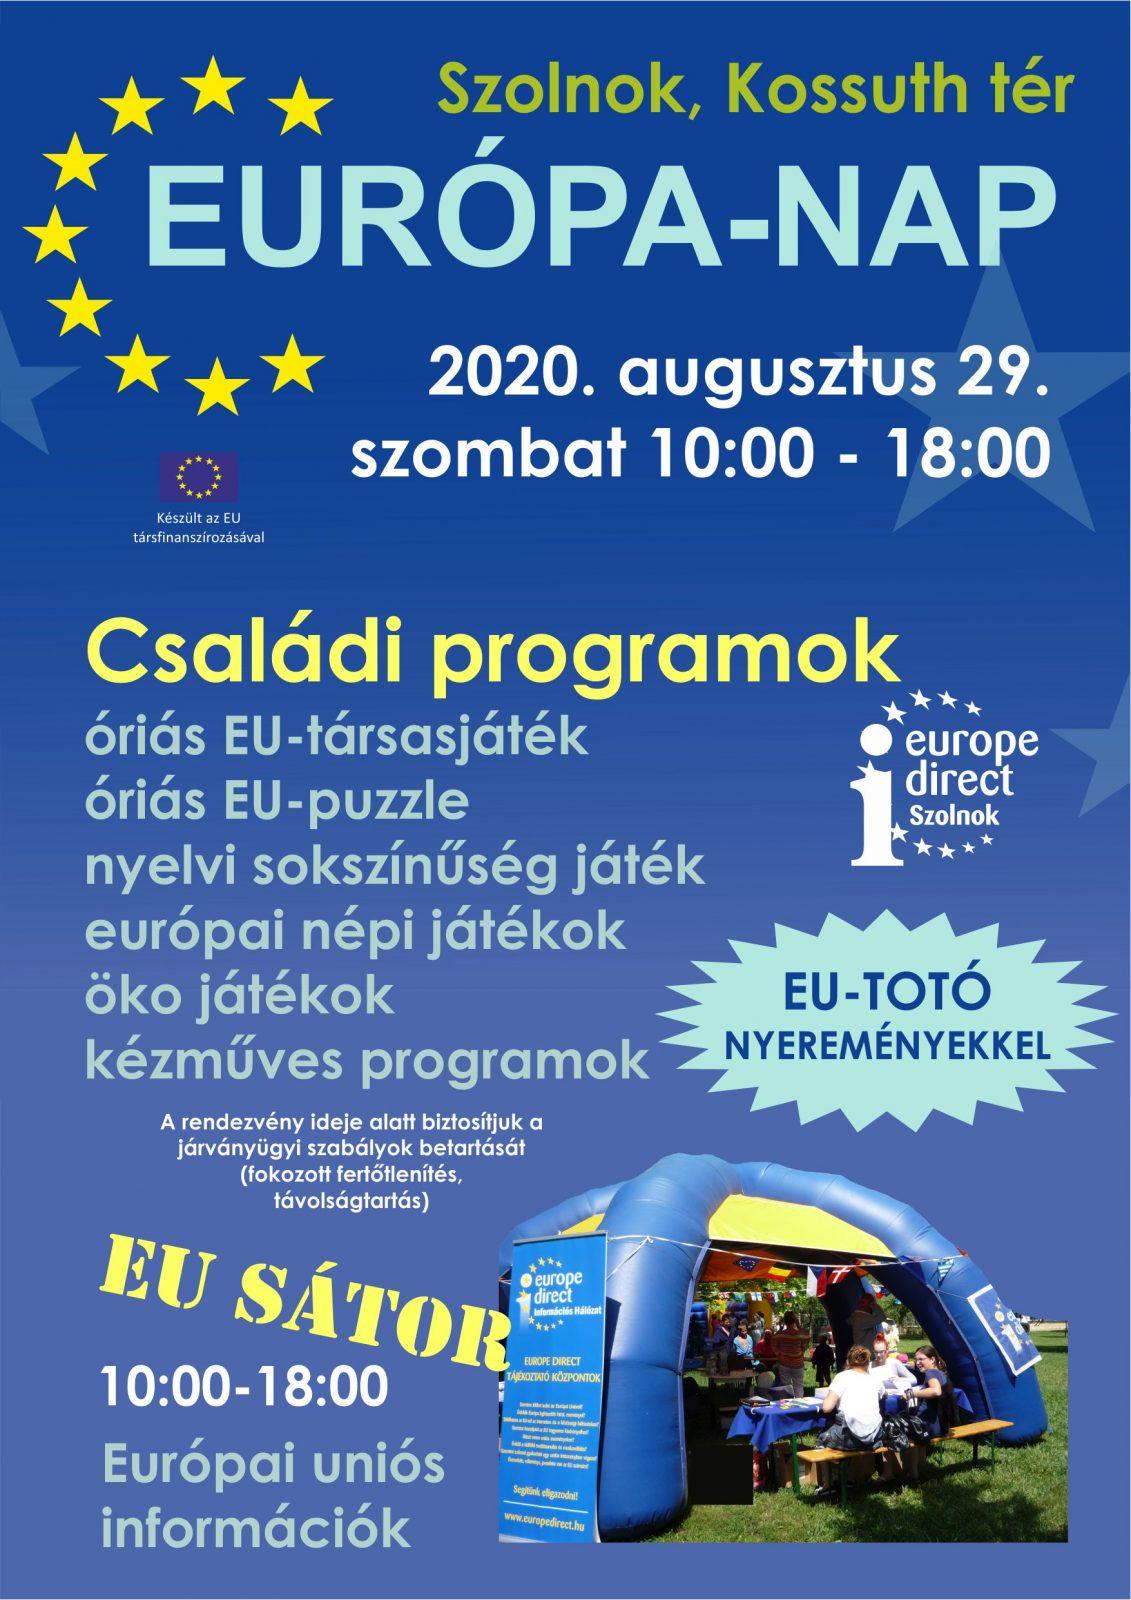 Európa nap. 2020.08.29. Plakát